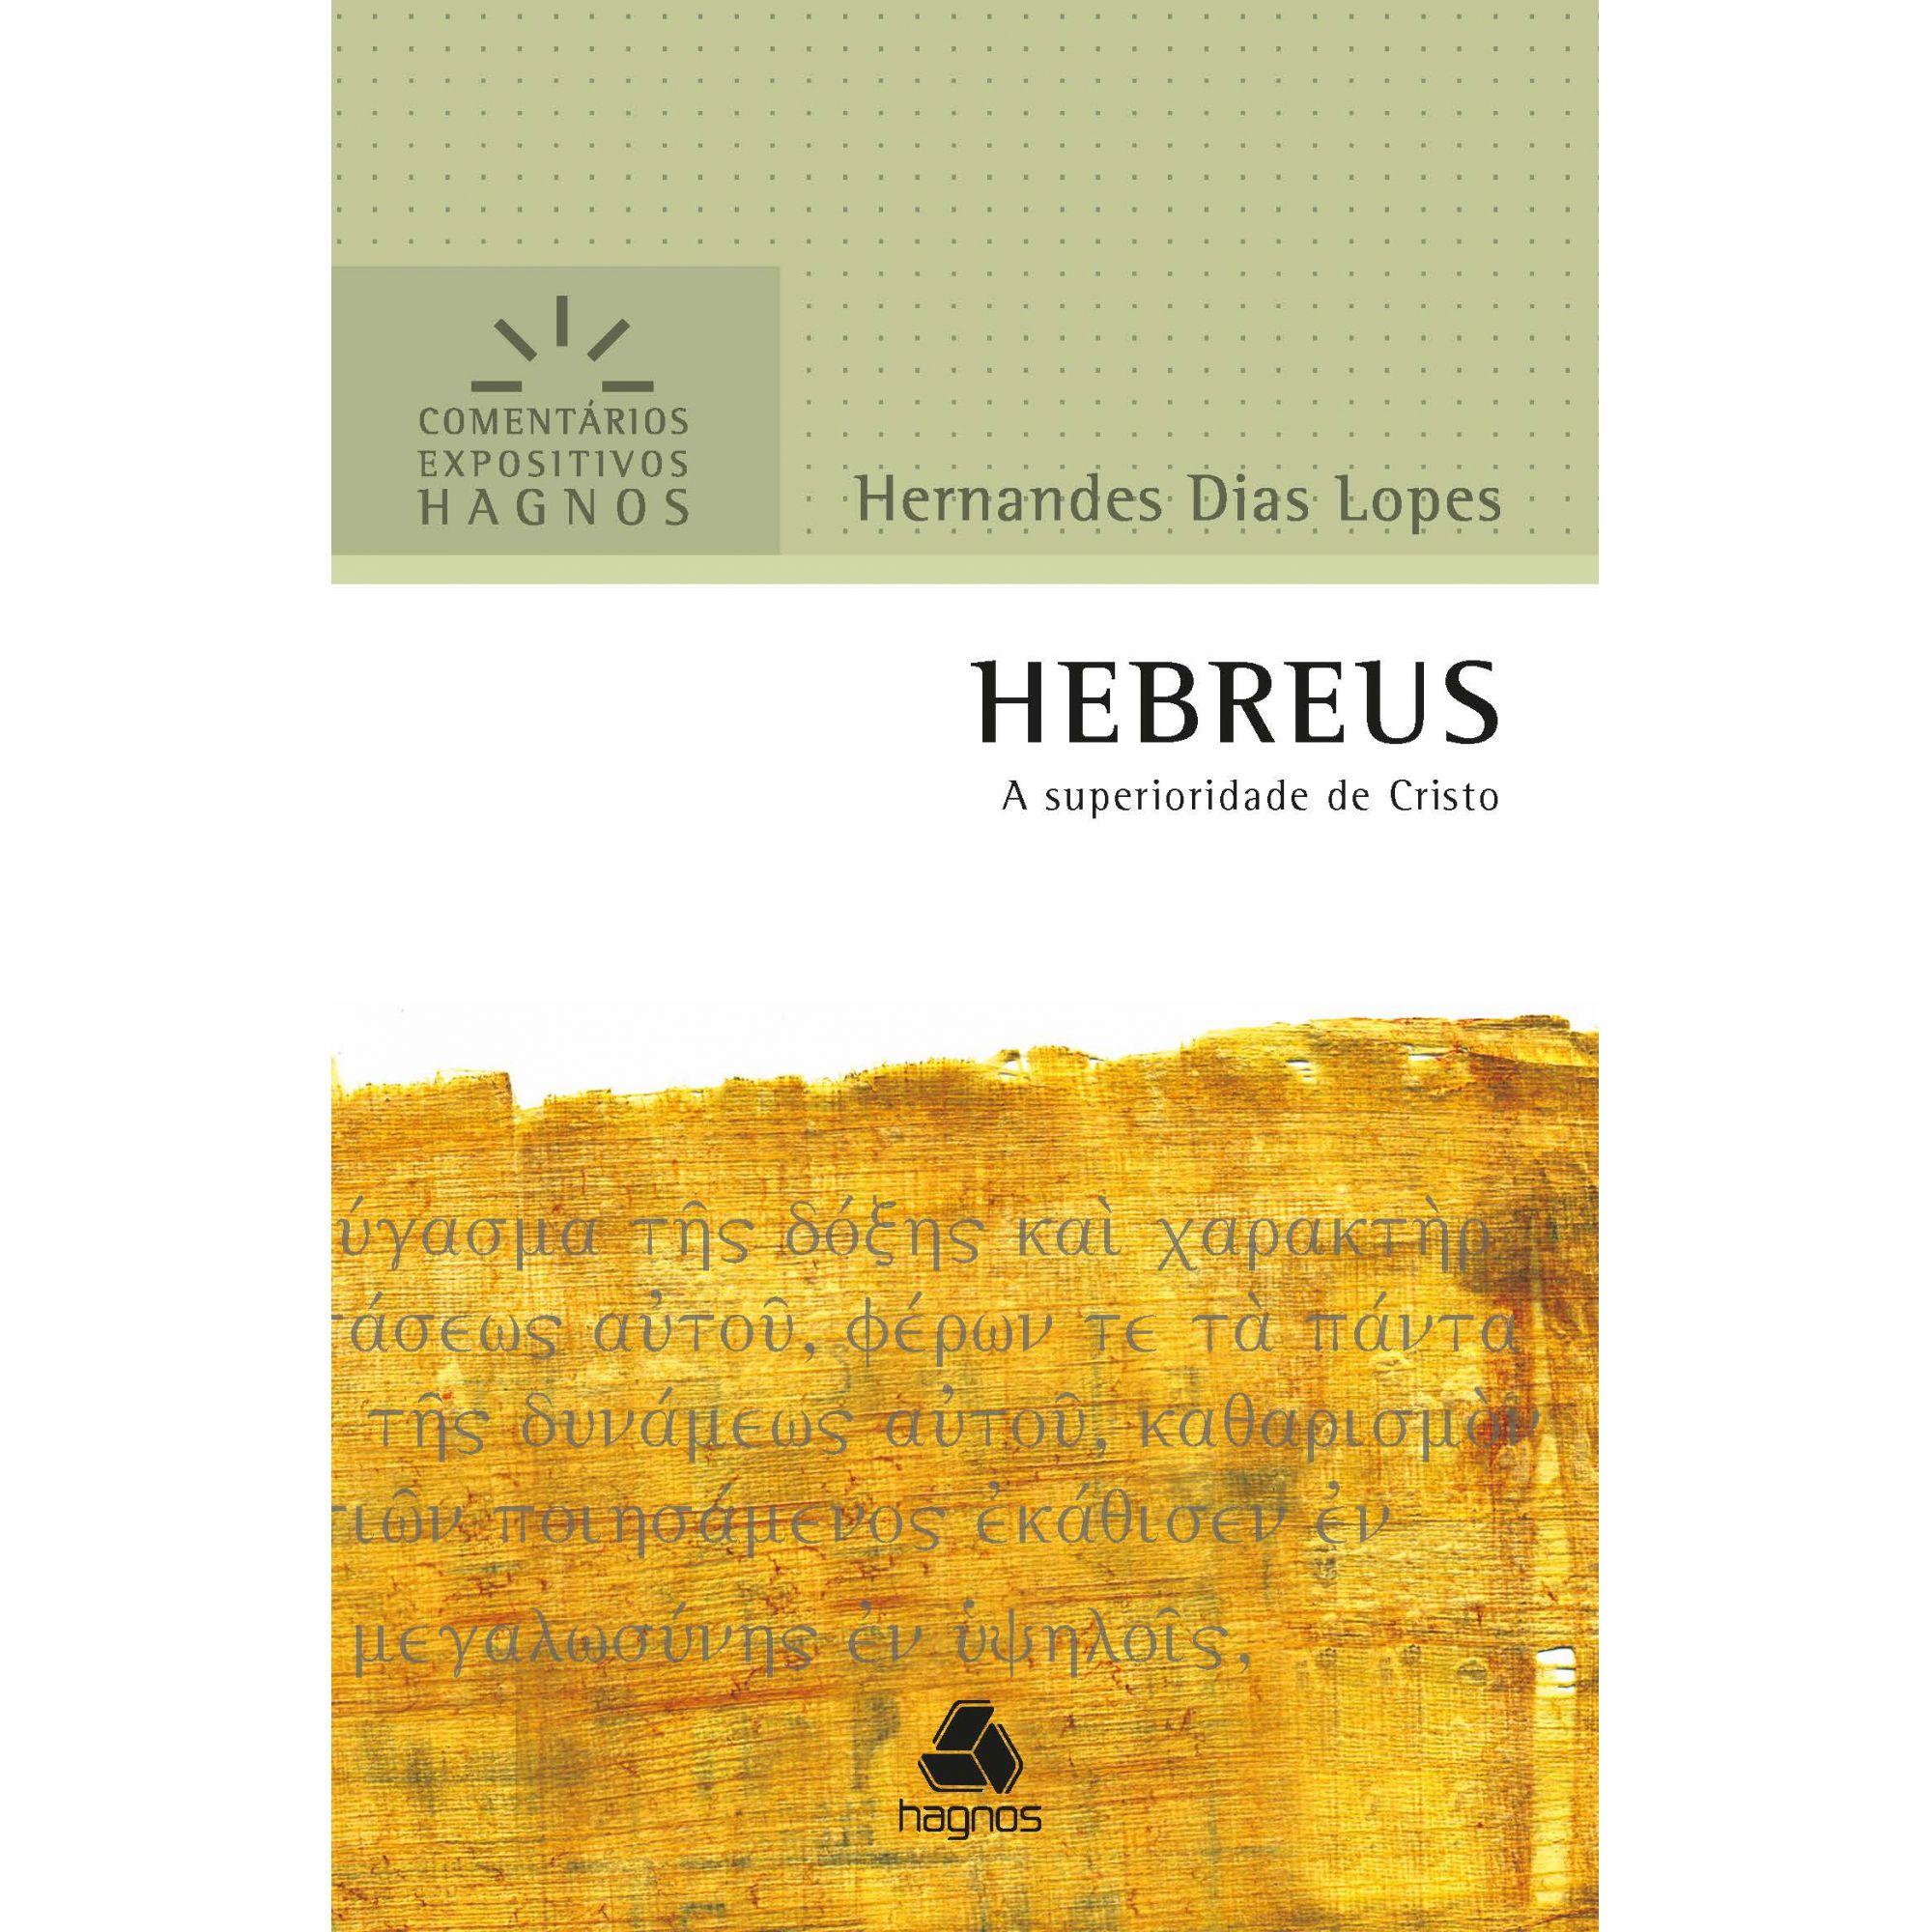 Livro Comentário Expositivo HEBREUS - Hernandes Dias Lopes  - Livraria Betel